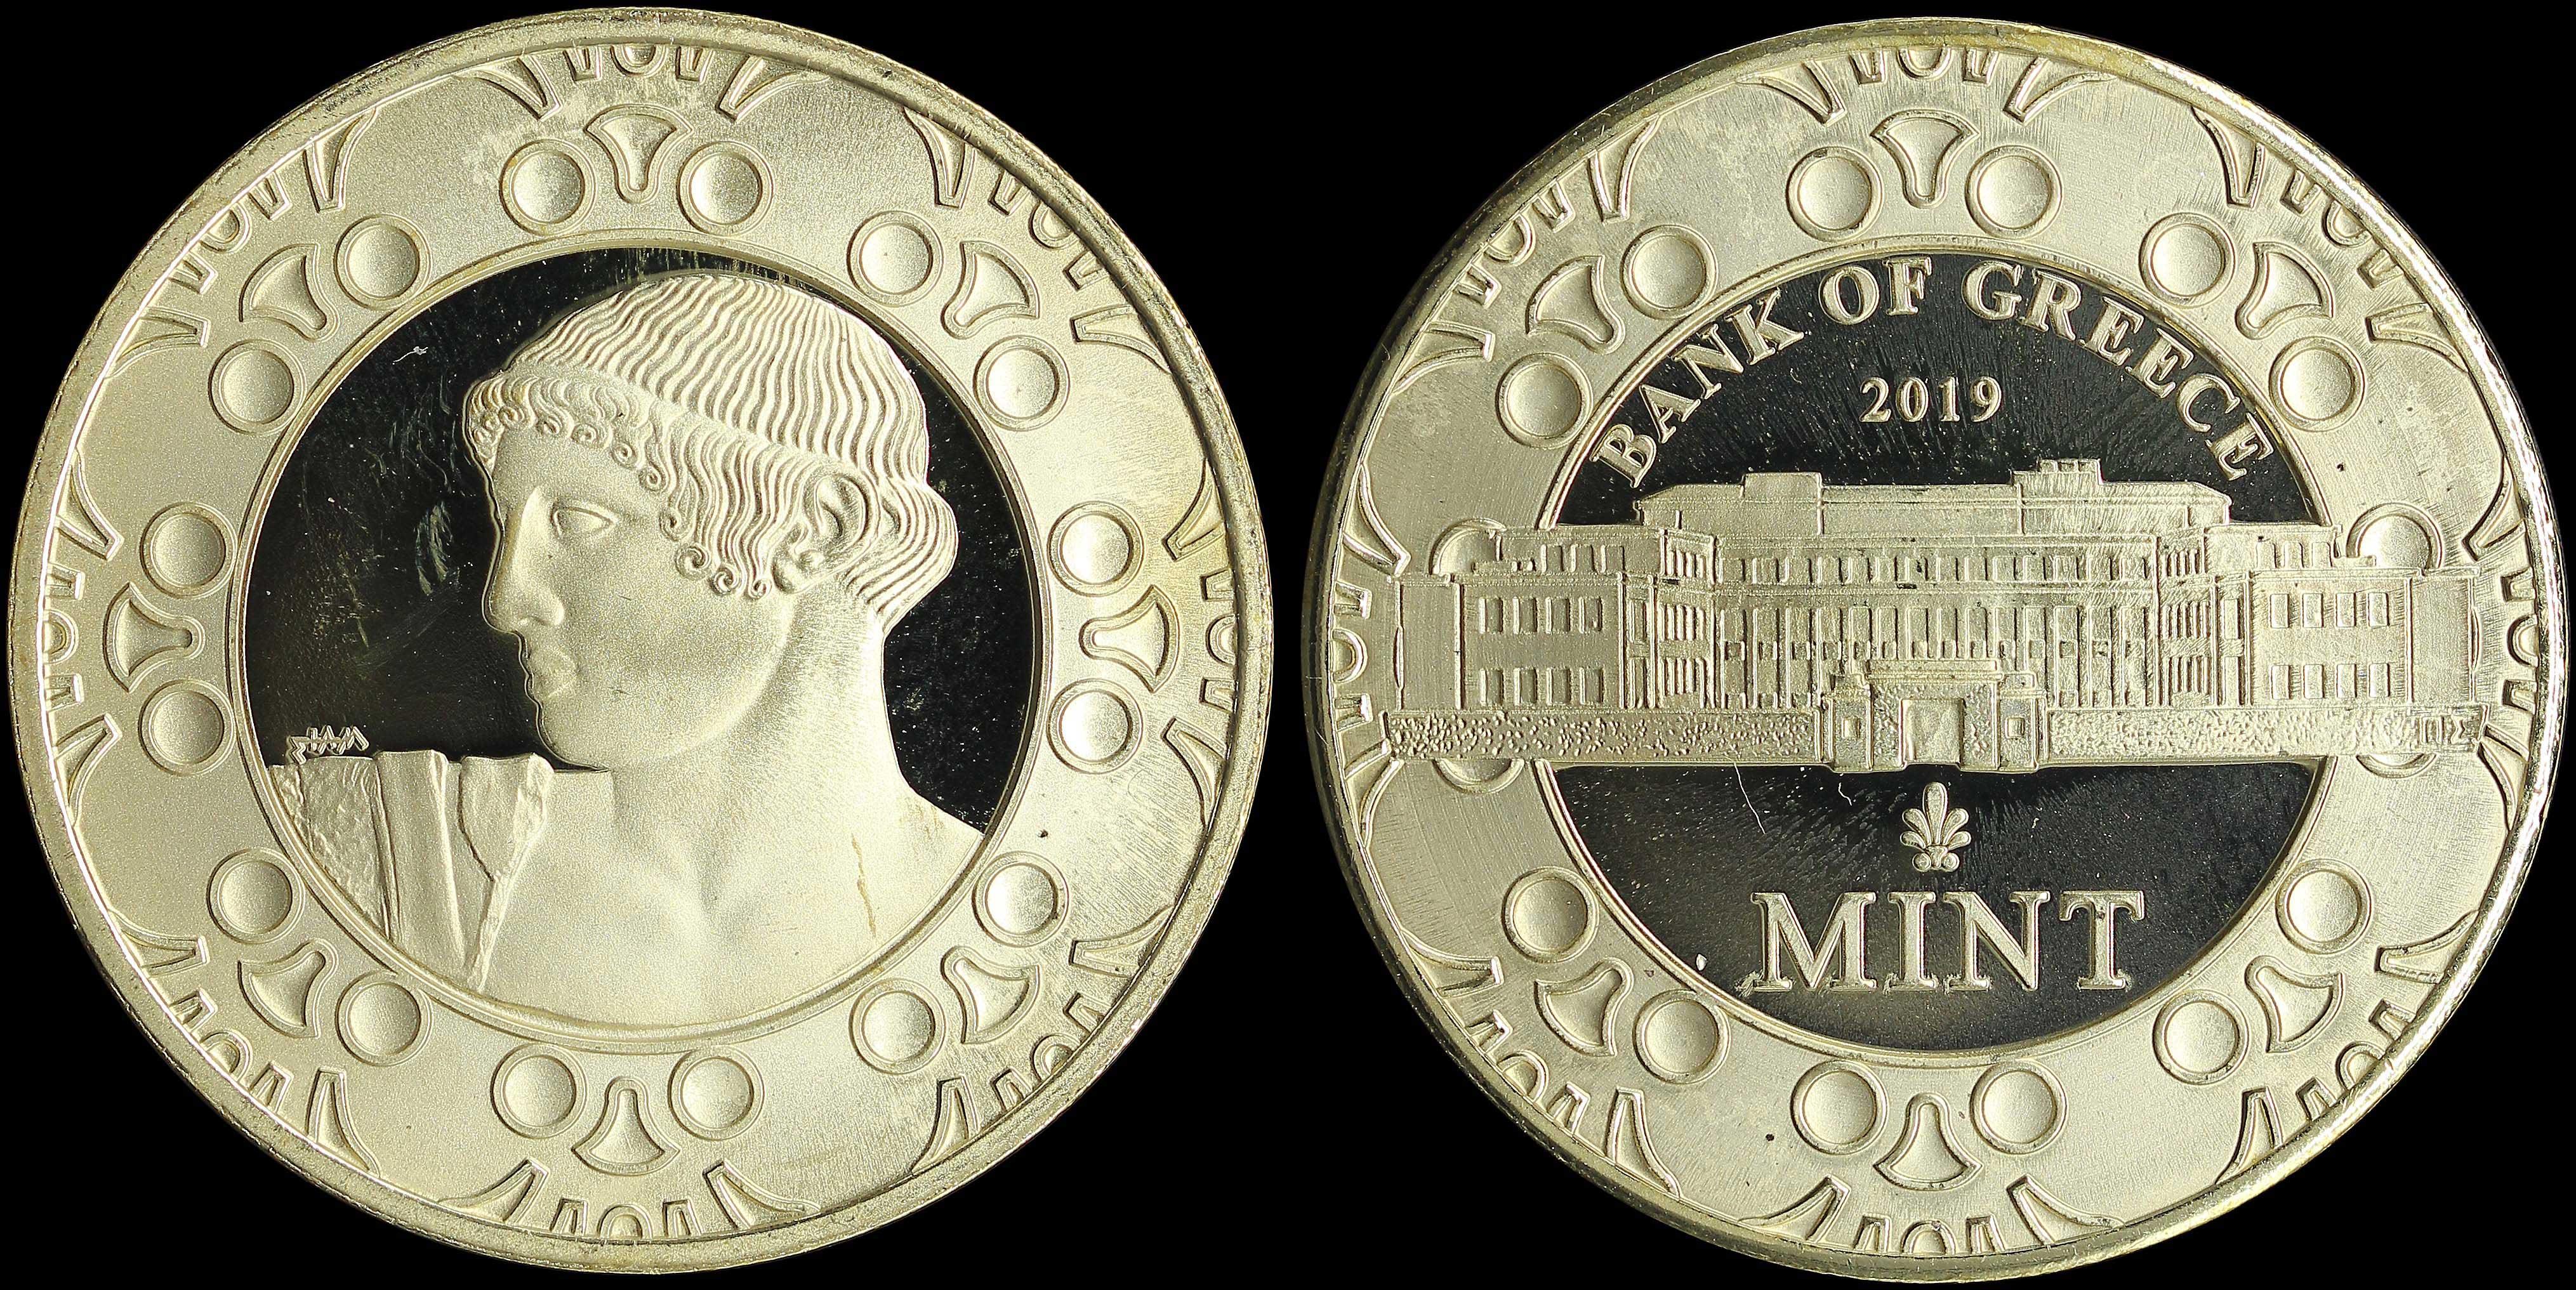 Lot 6672 - -  MEDALS & DECORATIONS various greek medals -  A. Karamitsos Public & Live Internet Auction 682 (Part A) Coins, Medals & Banknotes